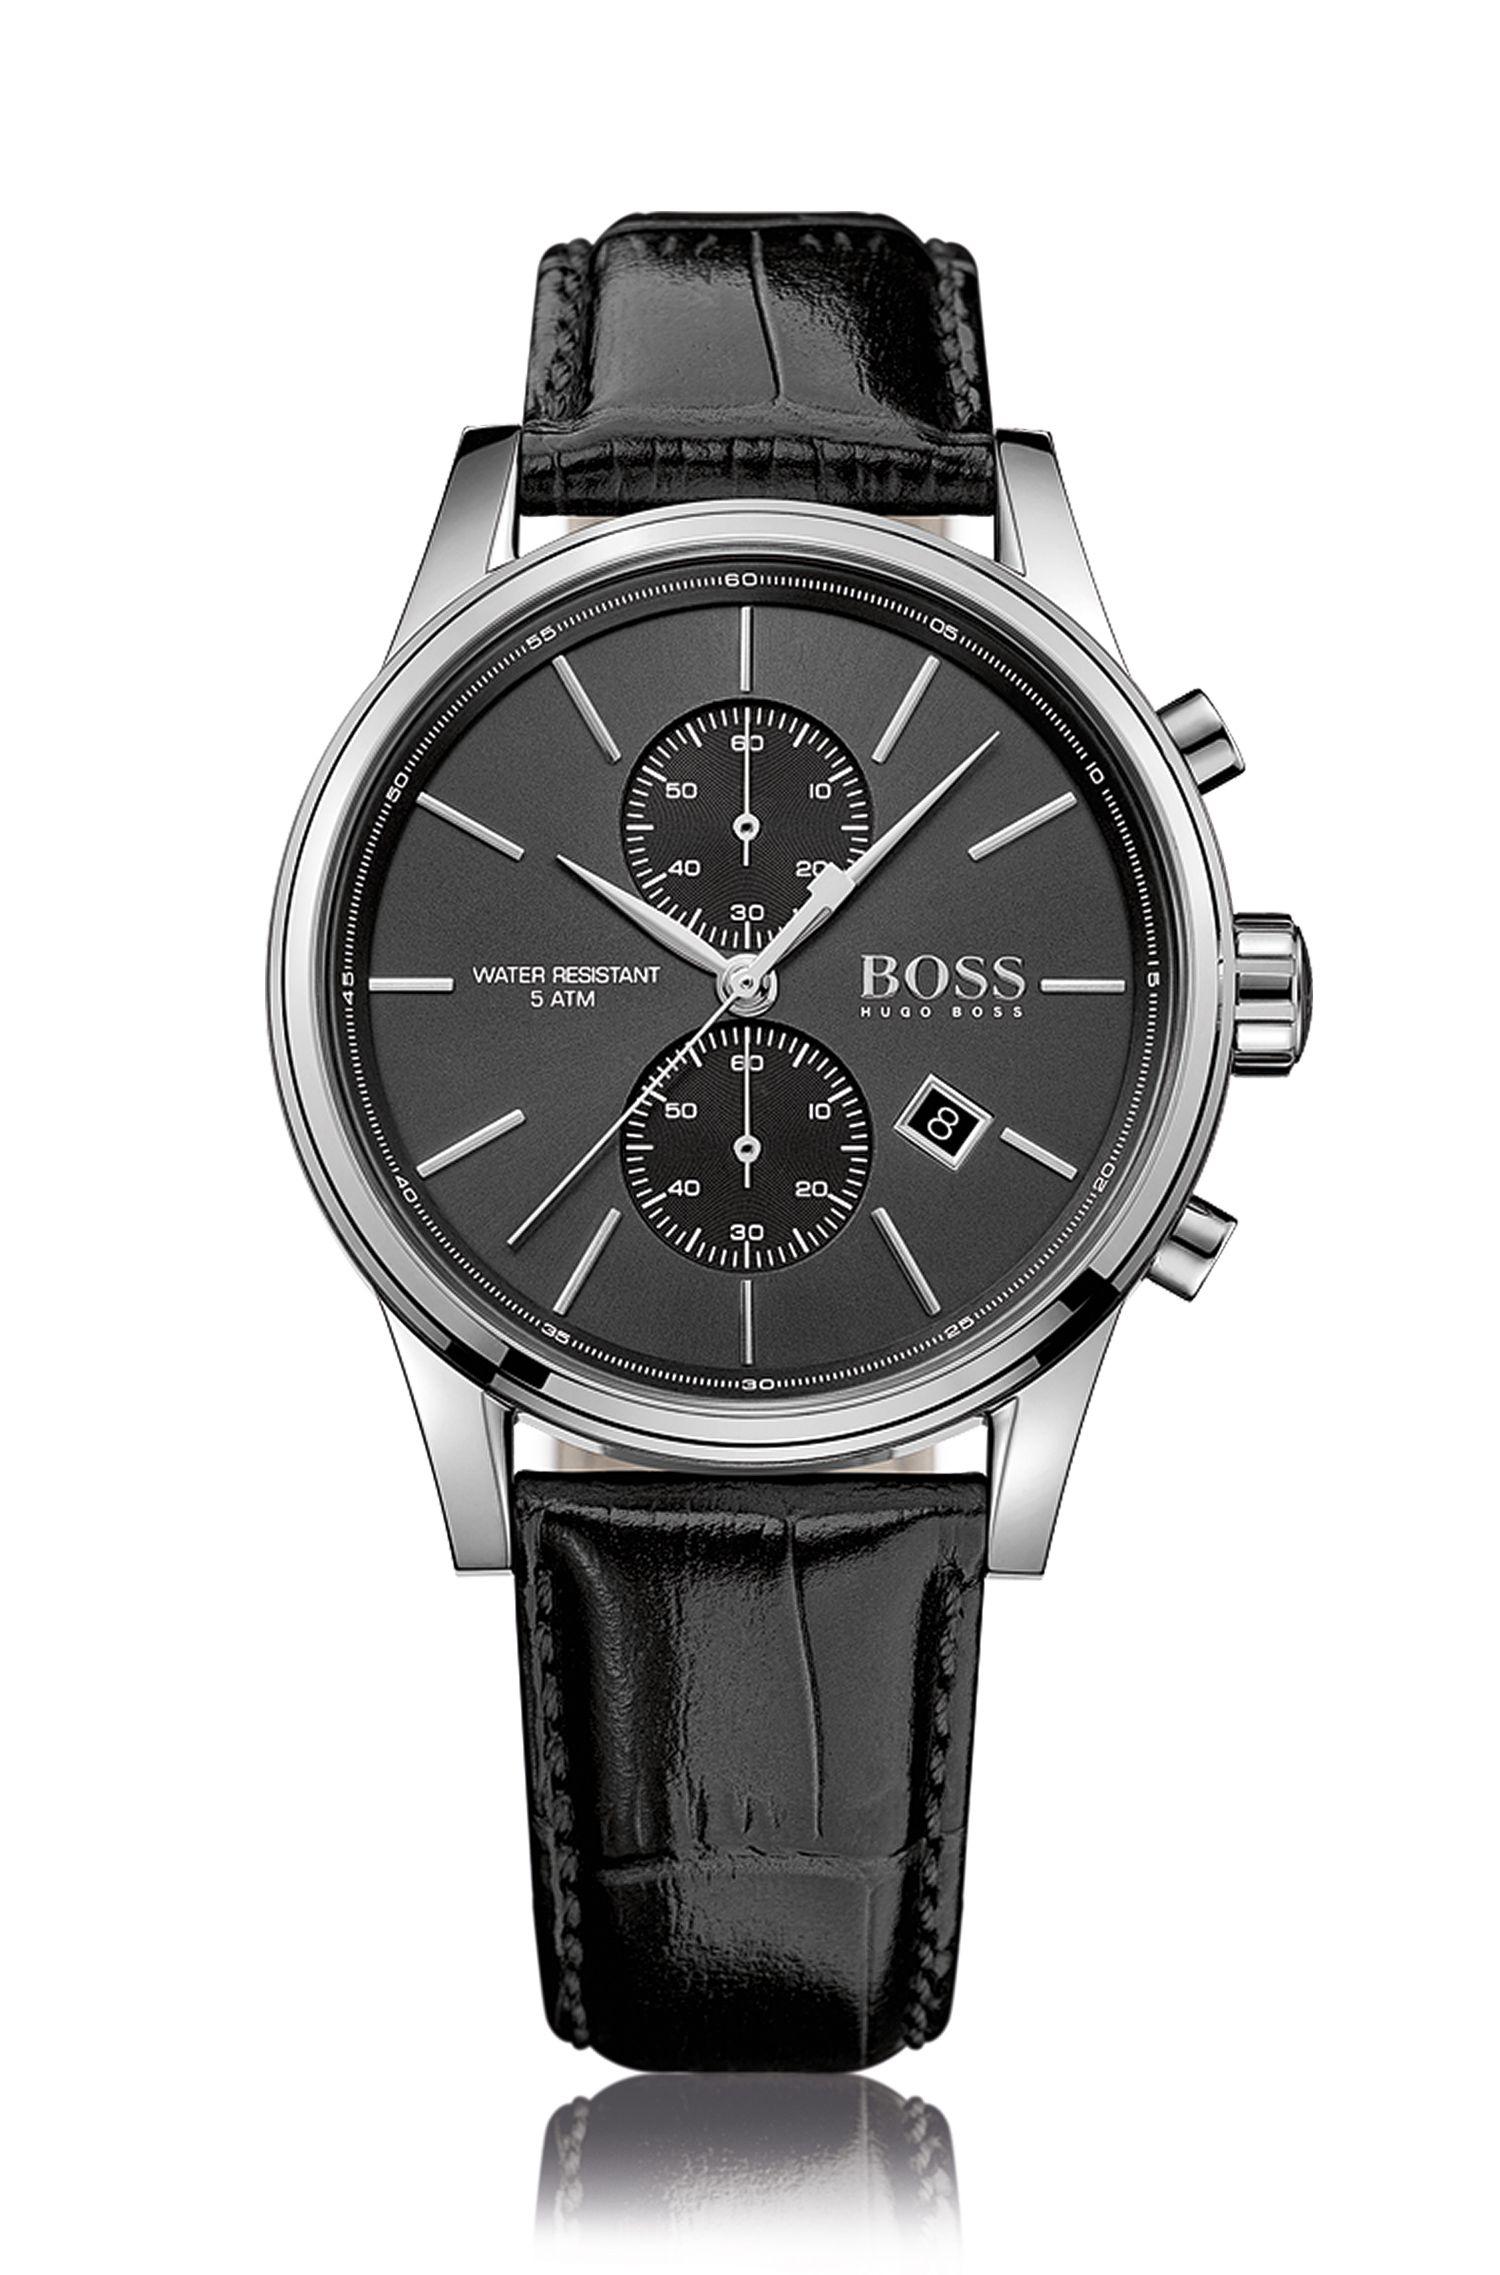 Montre chronographe en acier inoxydable poli à deux sous-cadrans, dotée d'un cadran noir soleillé et d'un bracelet en cuir